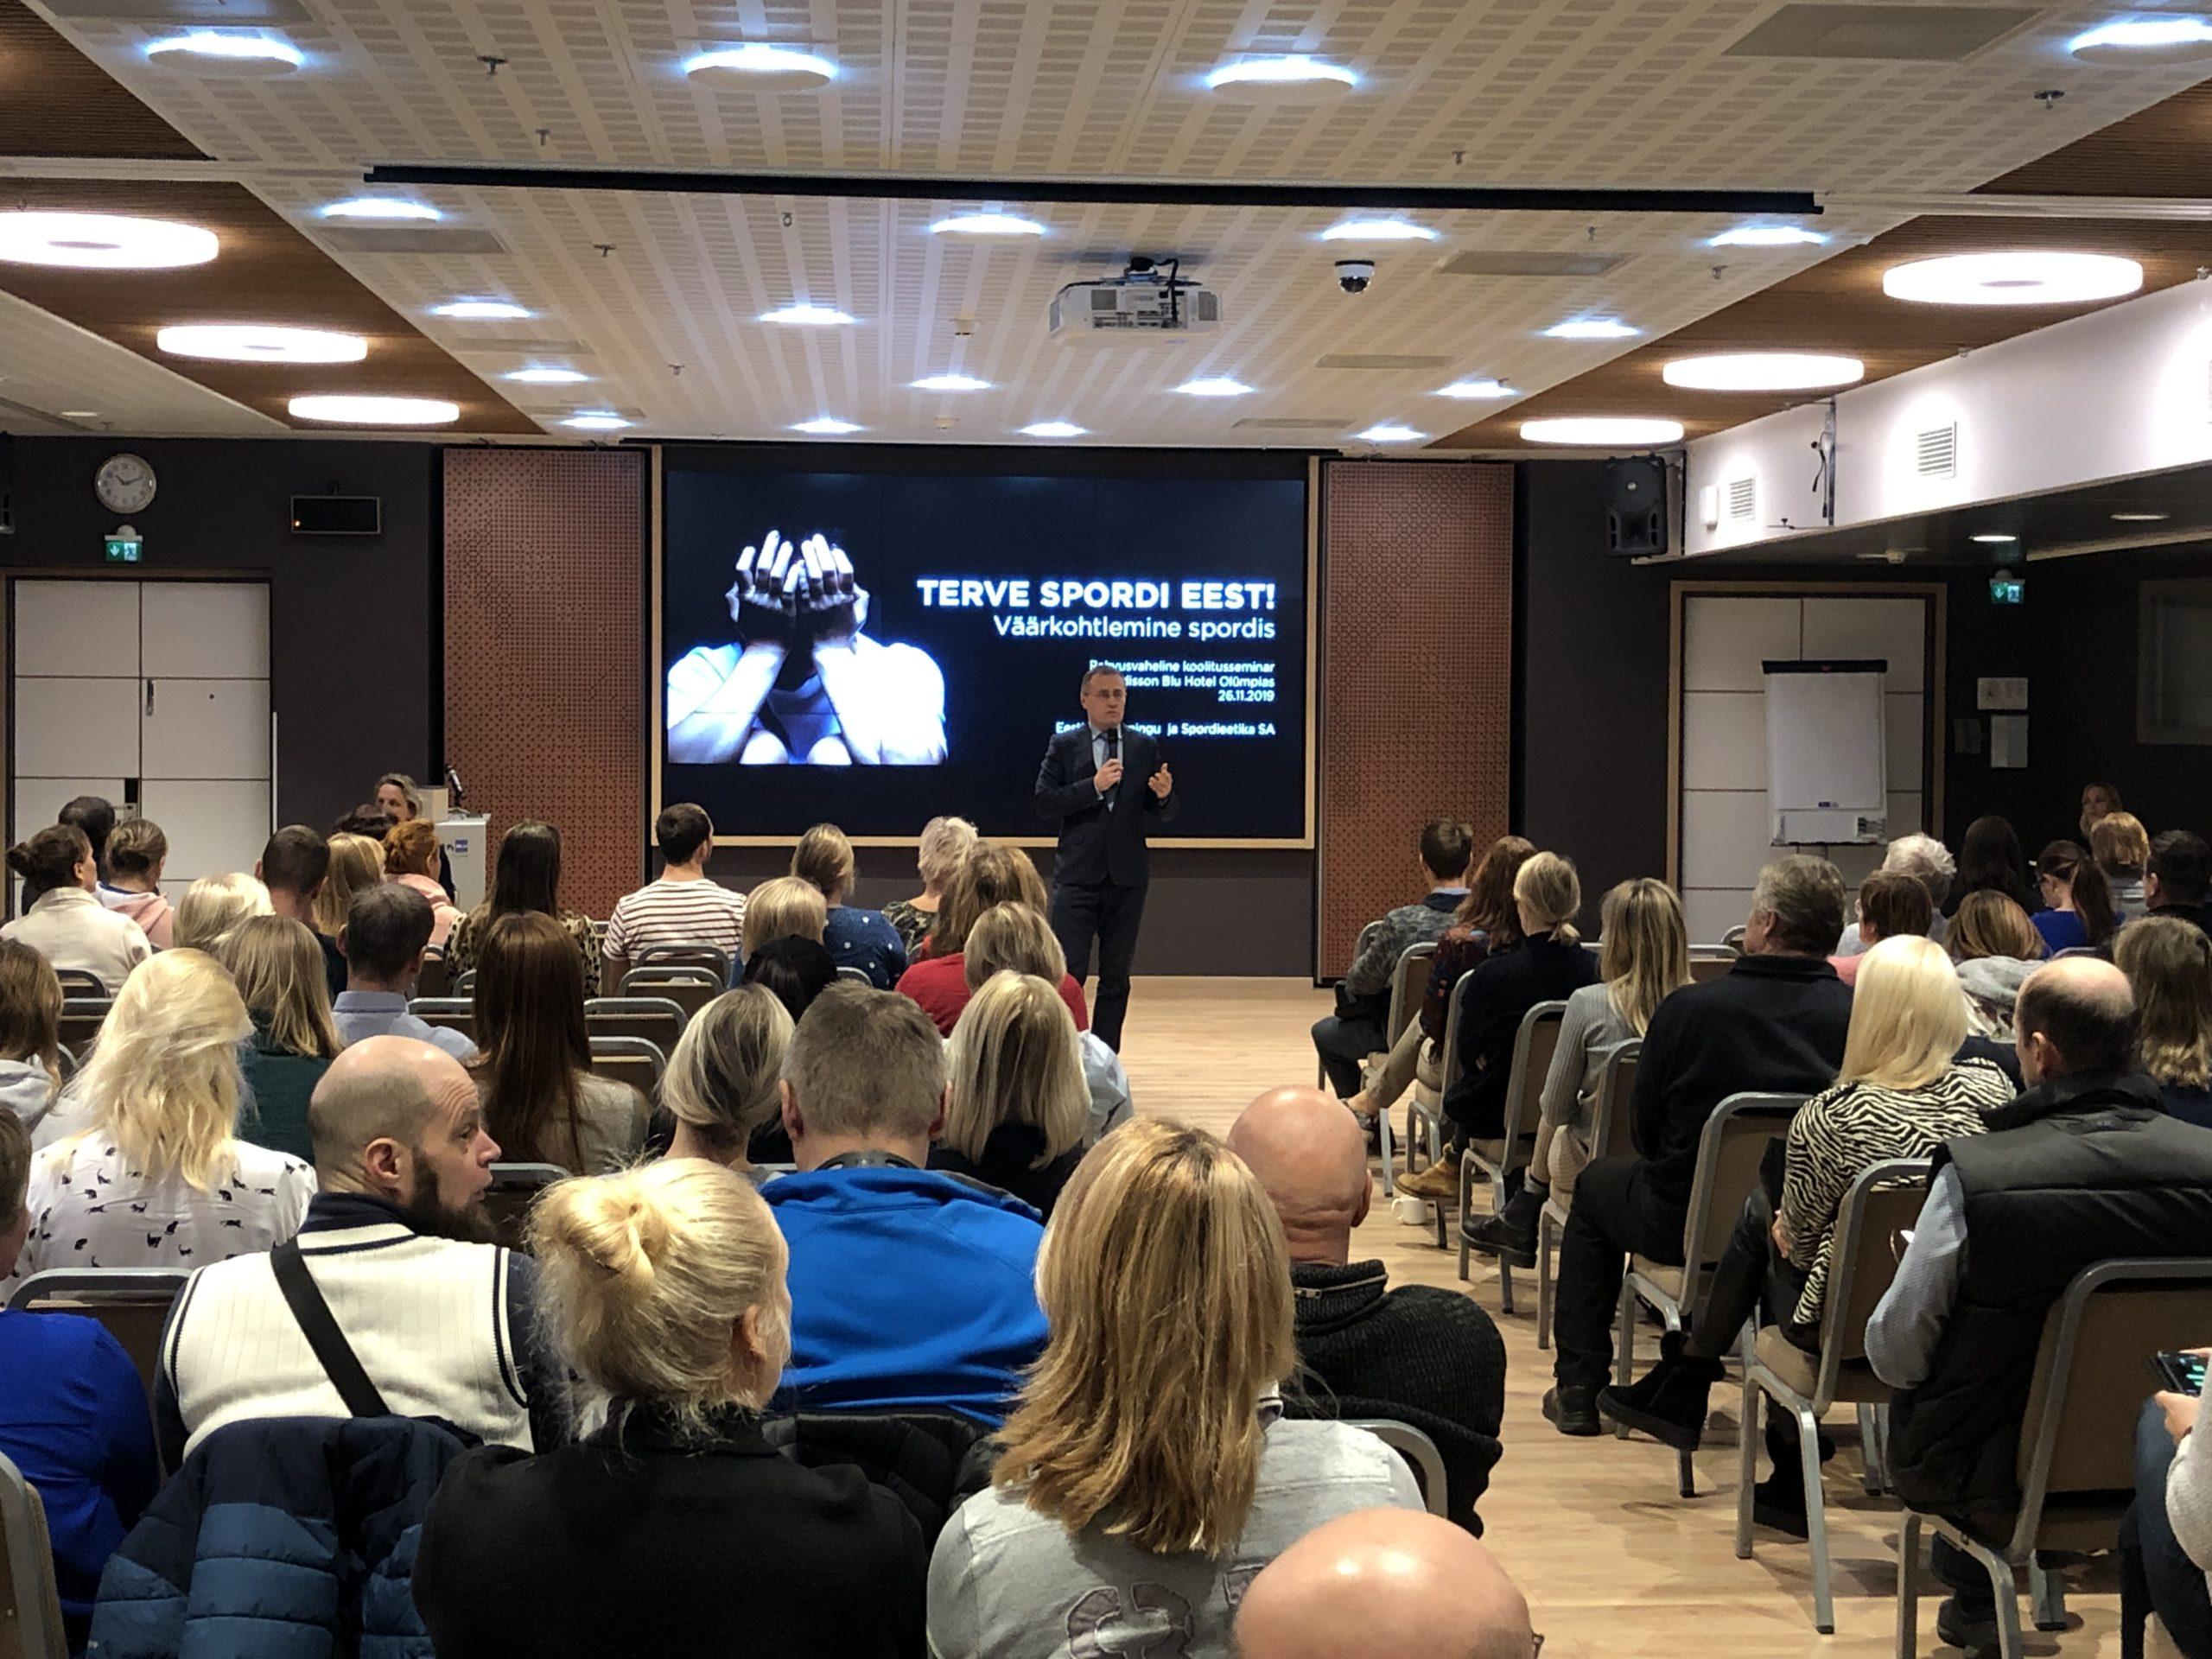 """Kultuuriminister Tõnis Lukas avas seminari """"Terve spordi eest: Treeneri ja spordiorganisatsiooni roll ning vastutus väärkohtlemise ennetamisel ja sekkumisel"""""""